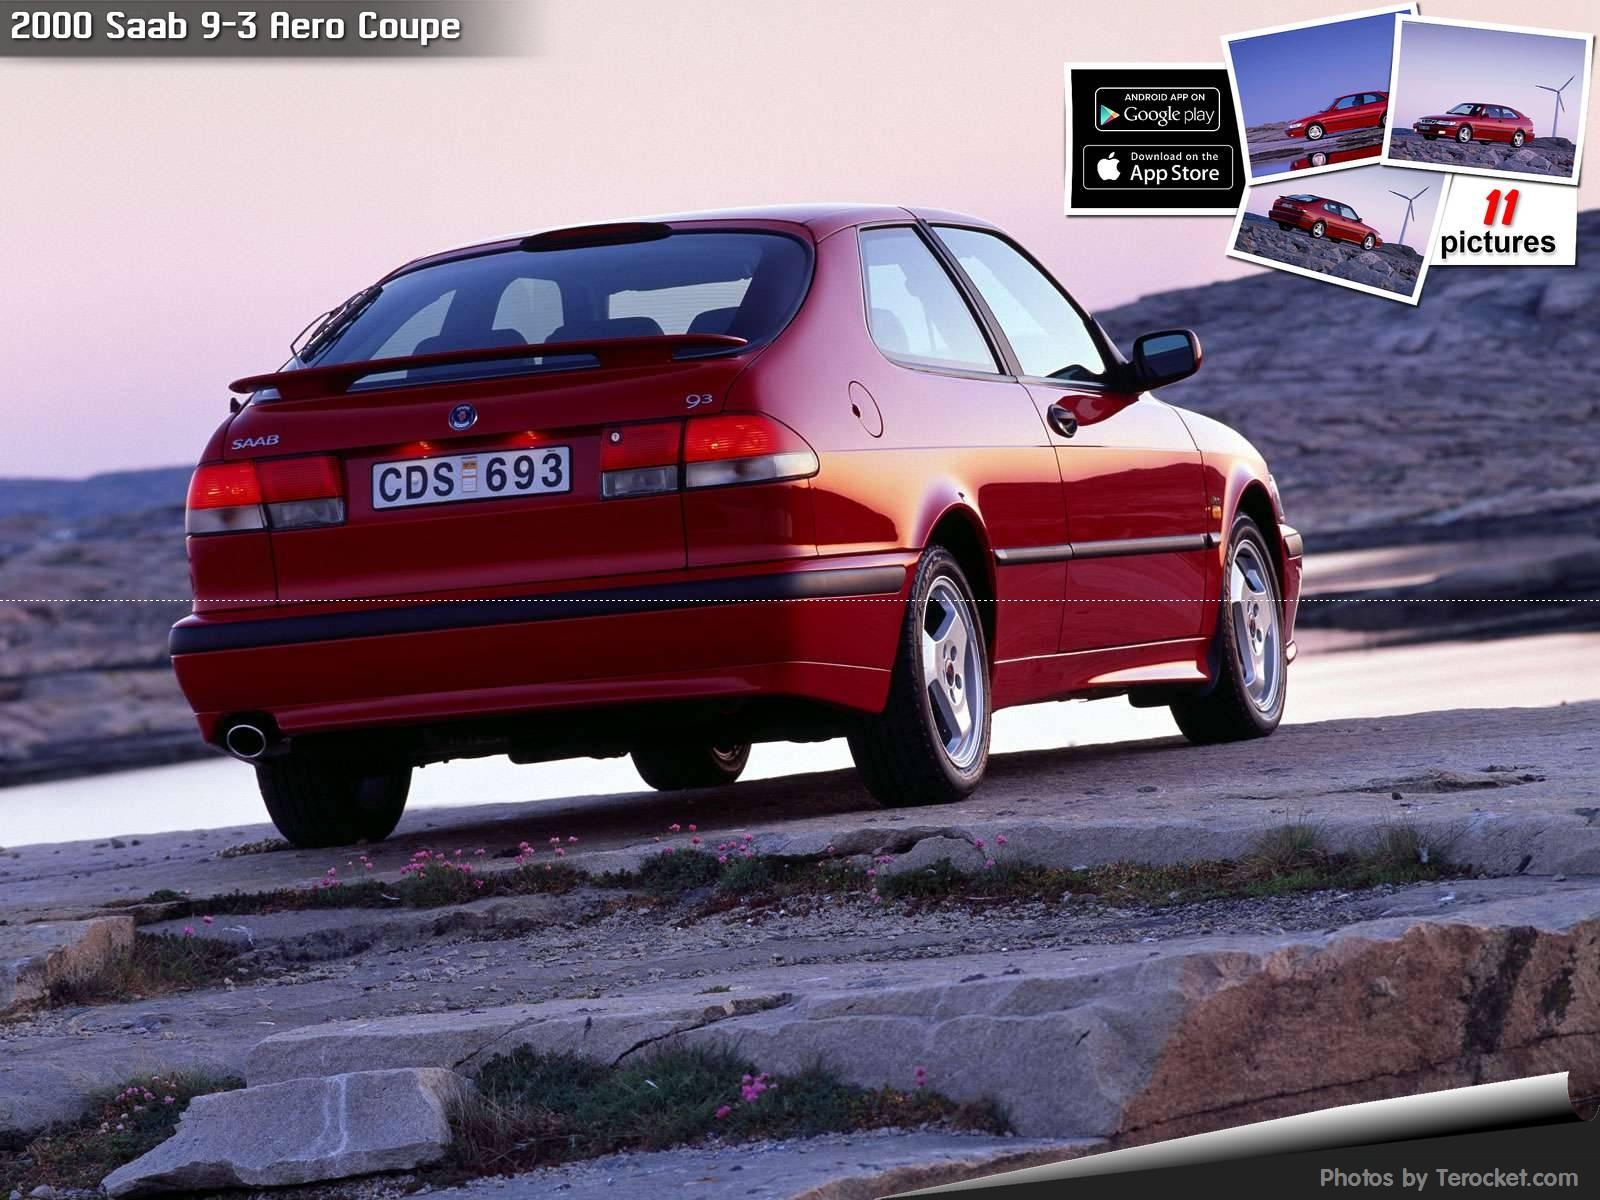 Hình ảnh xe ô tô Saab 9-3 Aero Coupe 2000 & nội ngoại thất